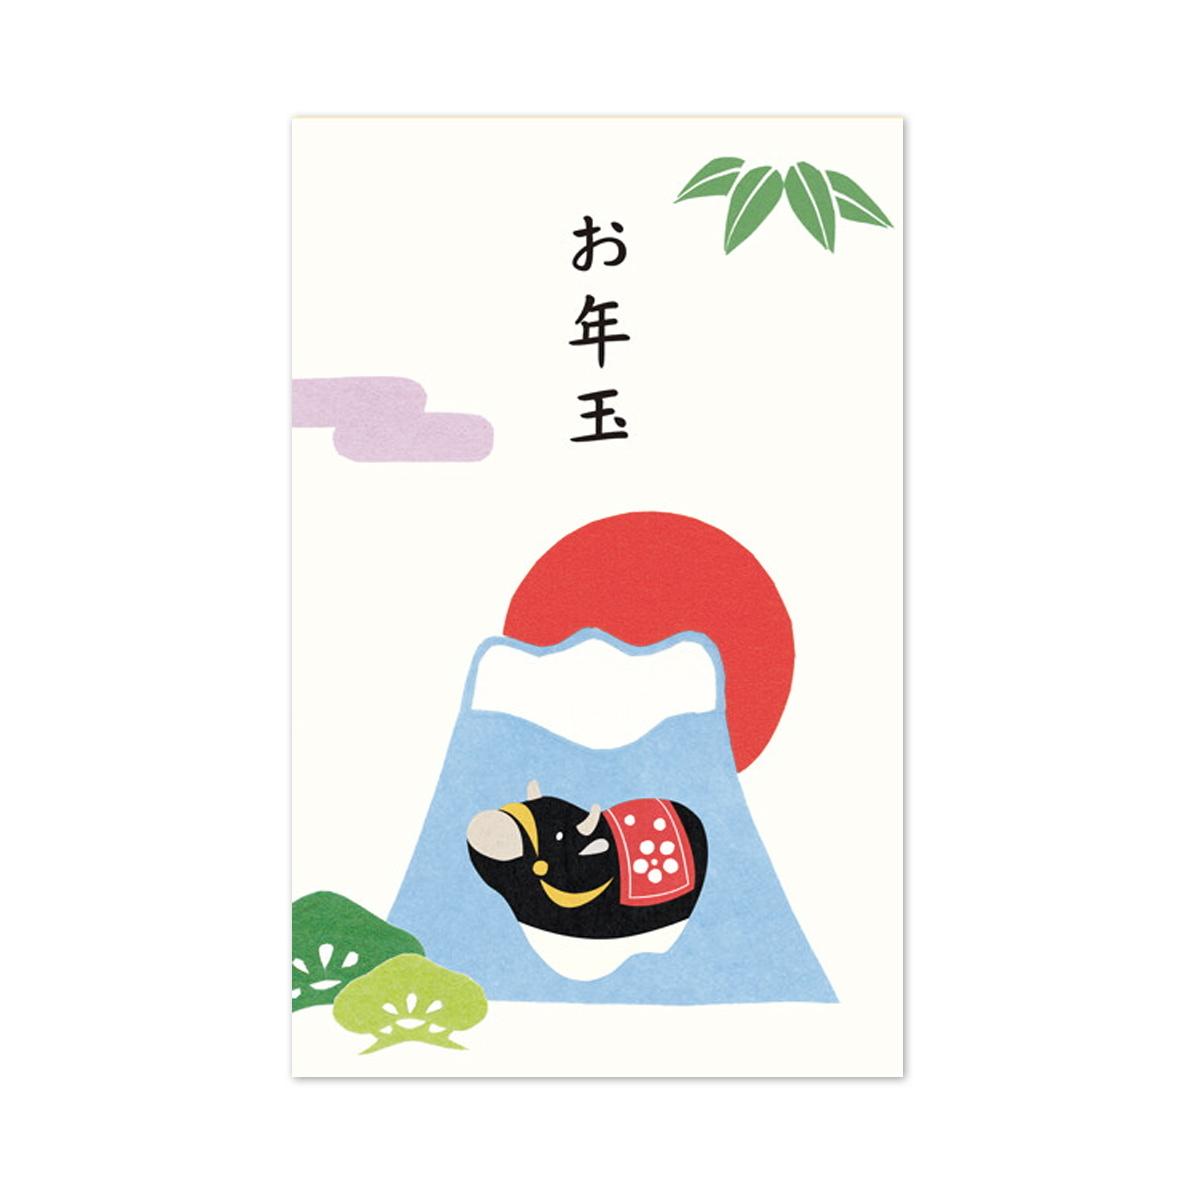 ポチ袋 富士山と松竹梅 pch-209